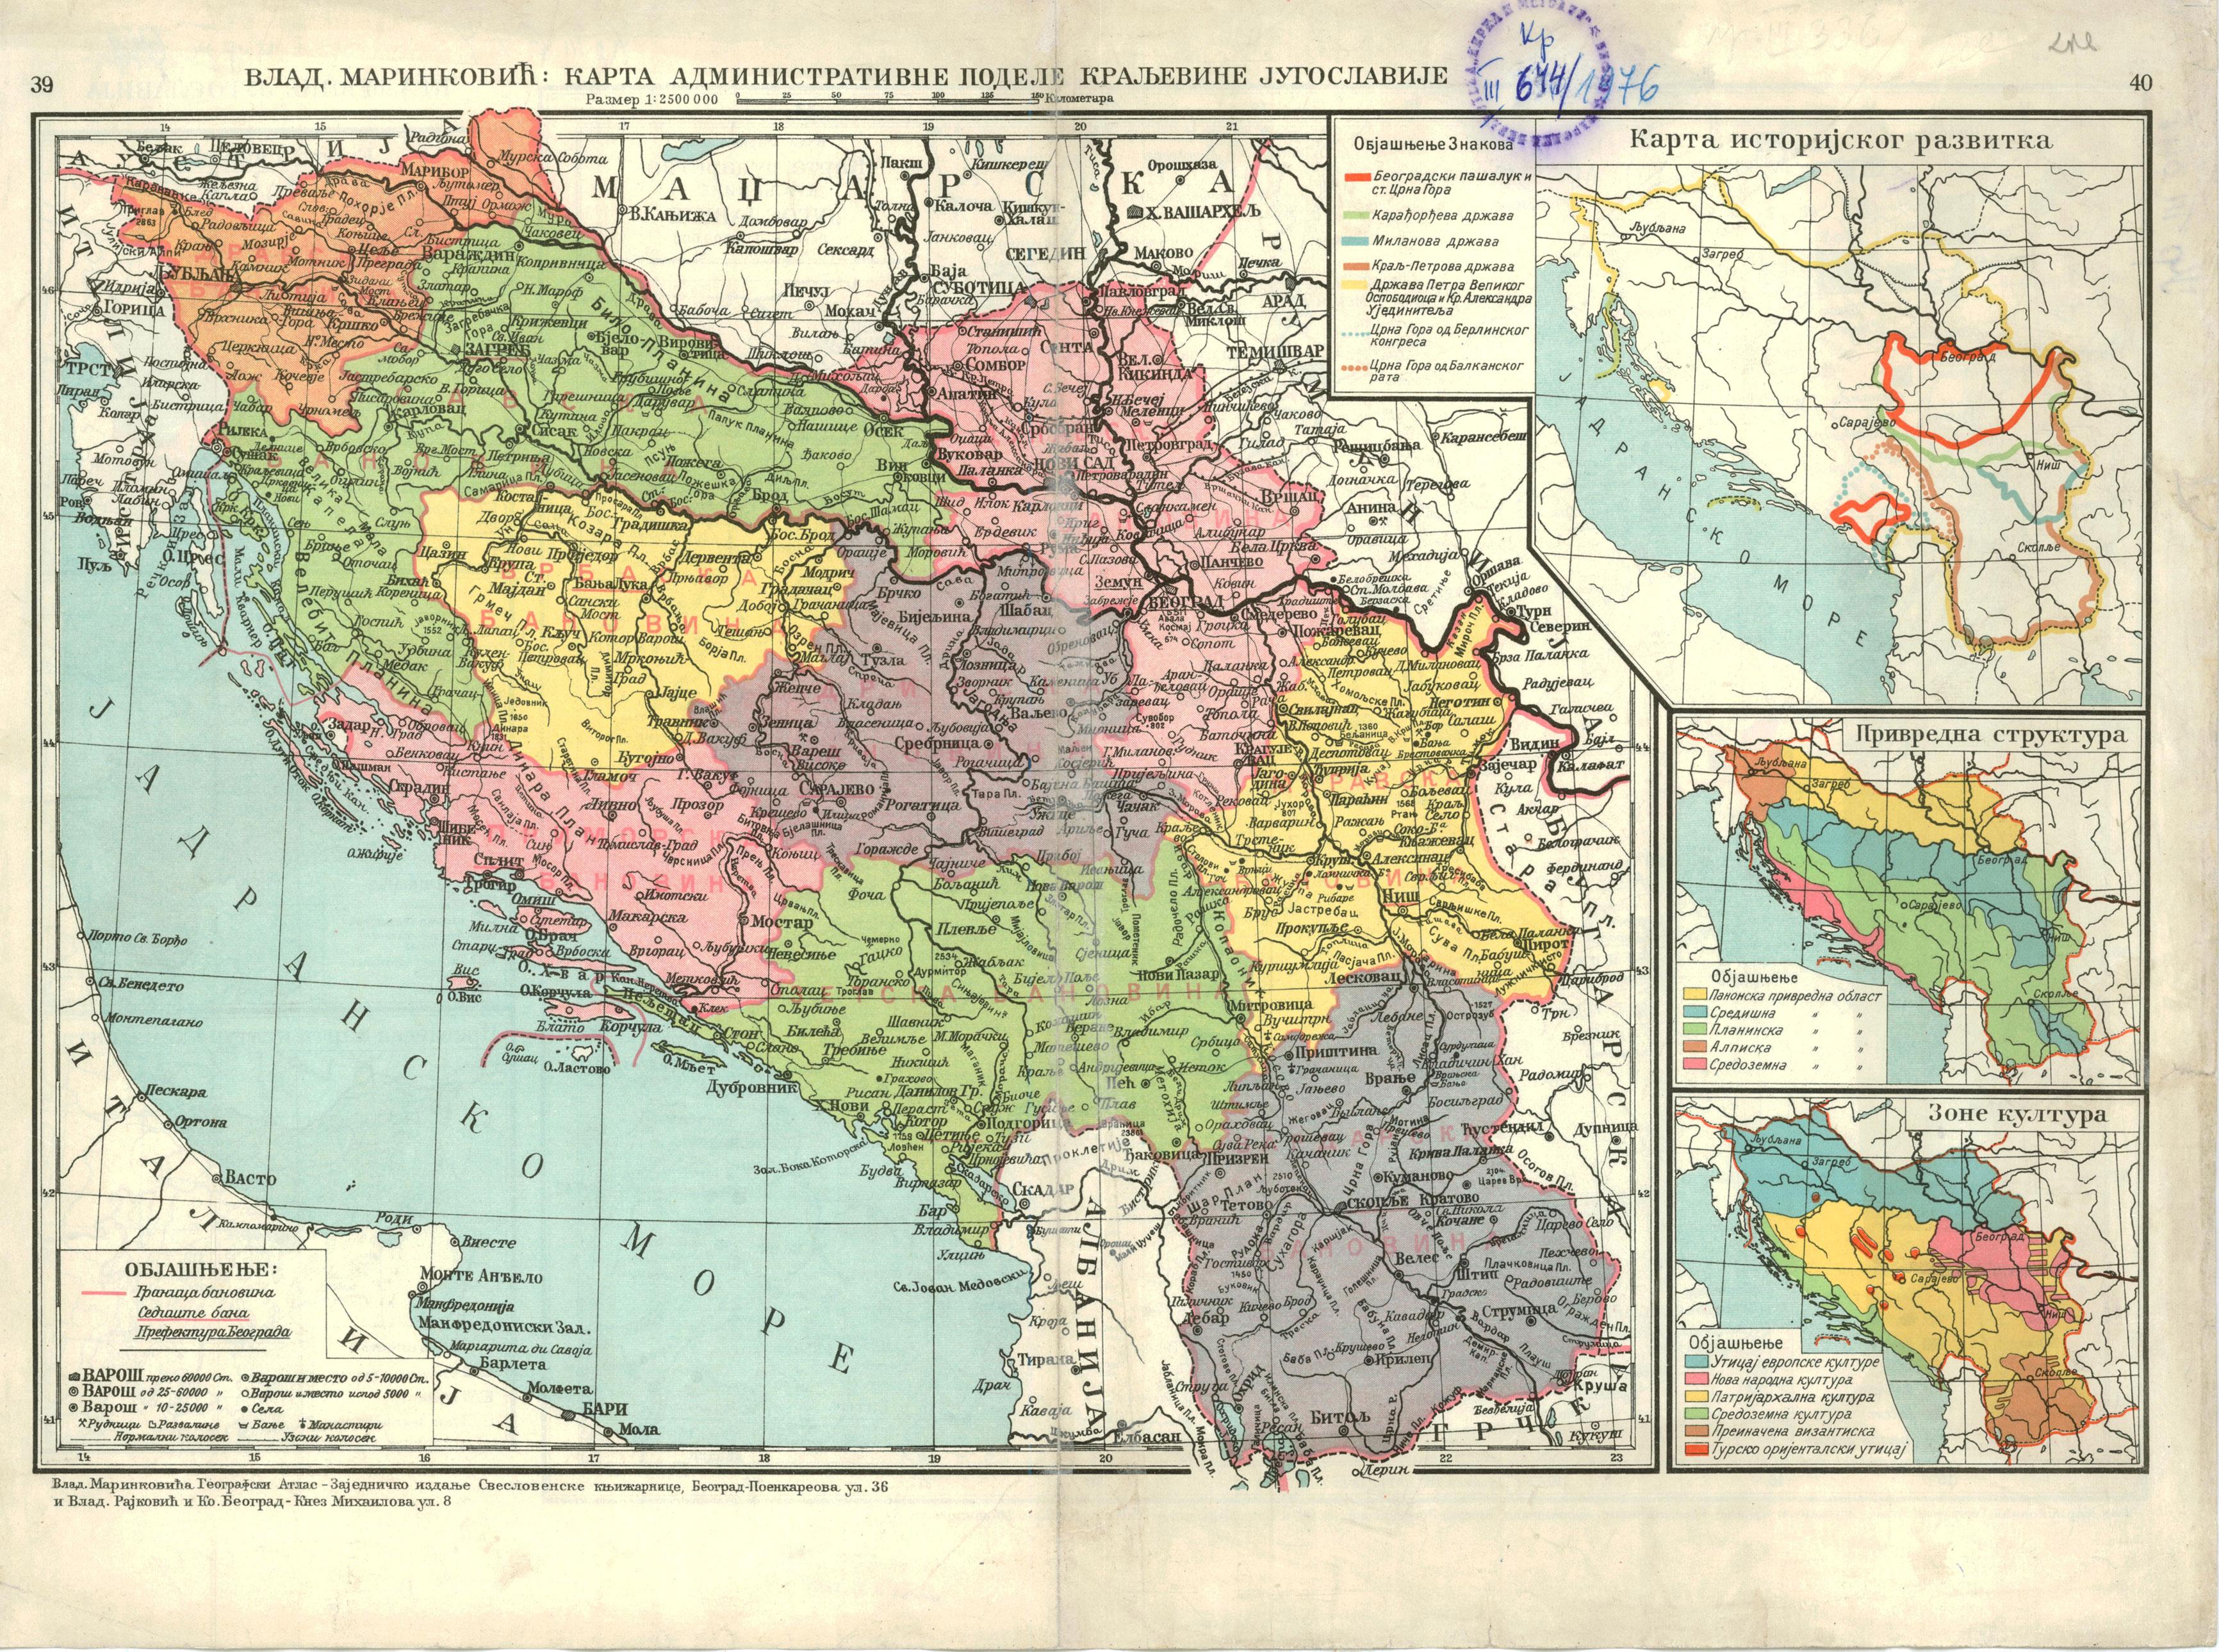 karta kraljevine srbije Karte Jugoslavije 1 : 100 000 i 1 : 200 000, 1924. 1944. karta kraljevine srbije